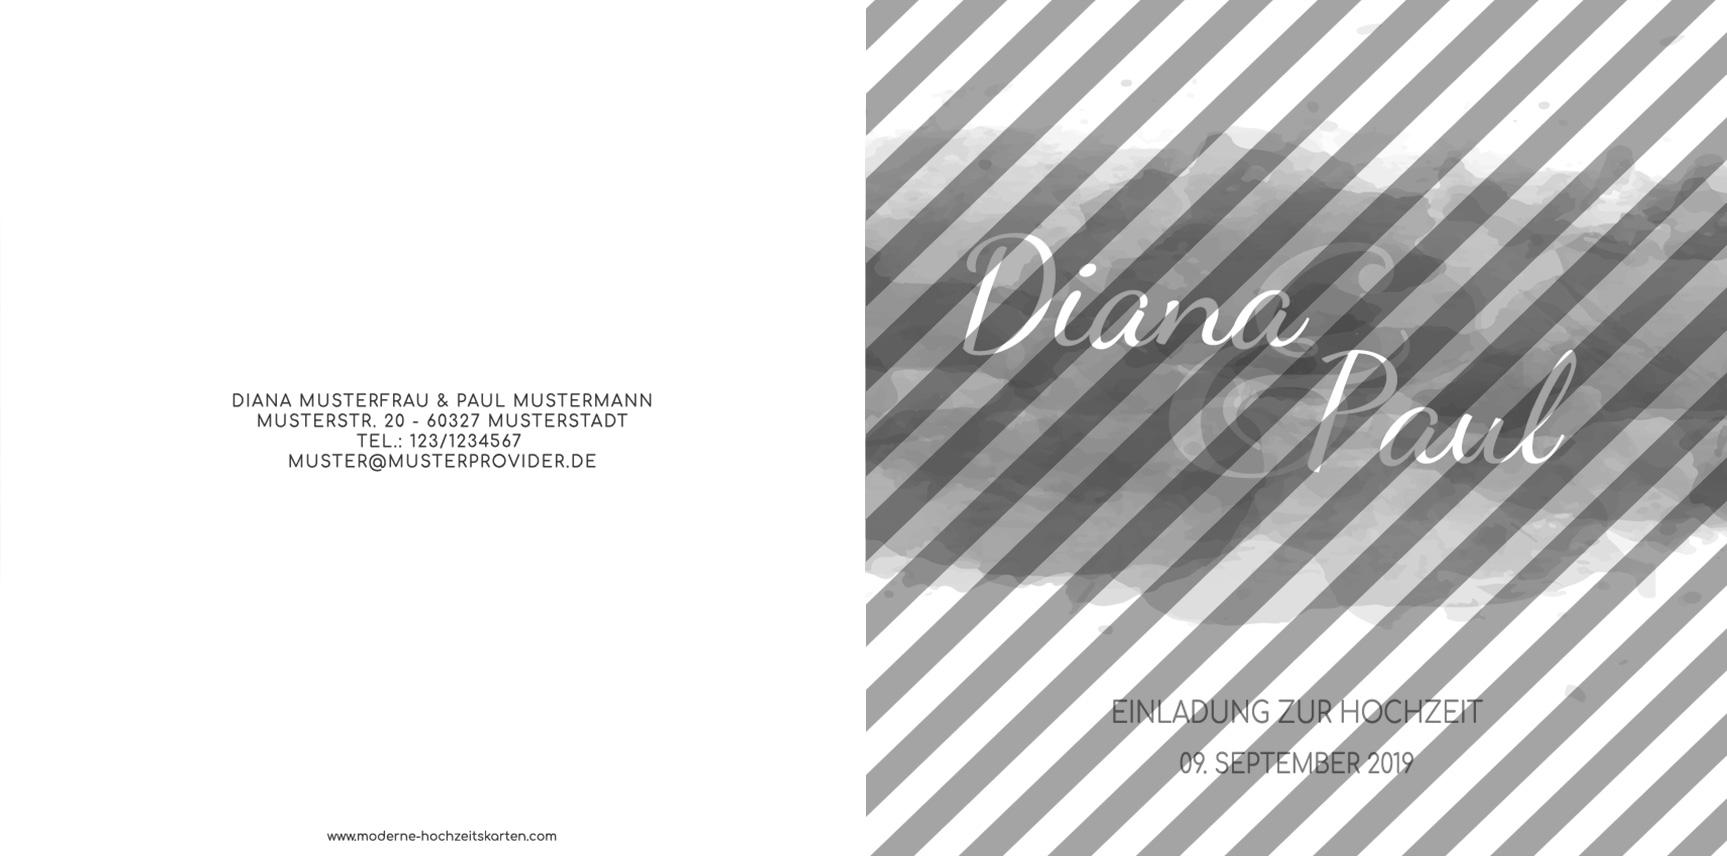 DKQ_editor-al9r8v94GwdtXwe